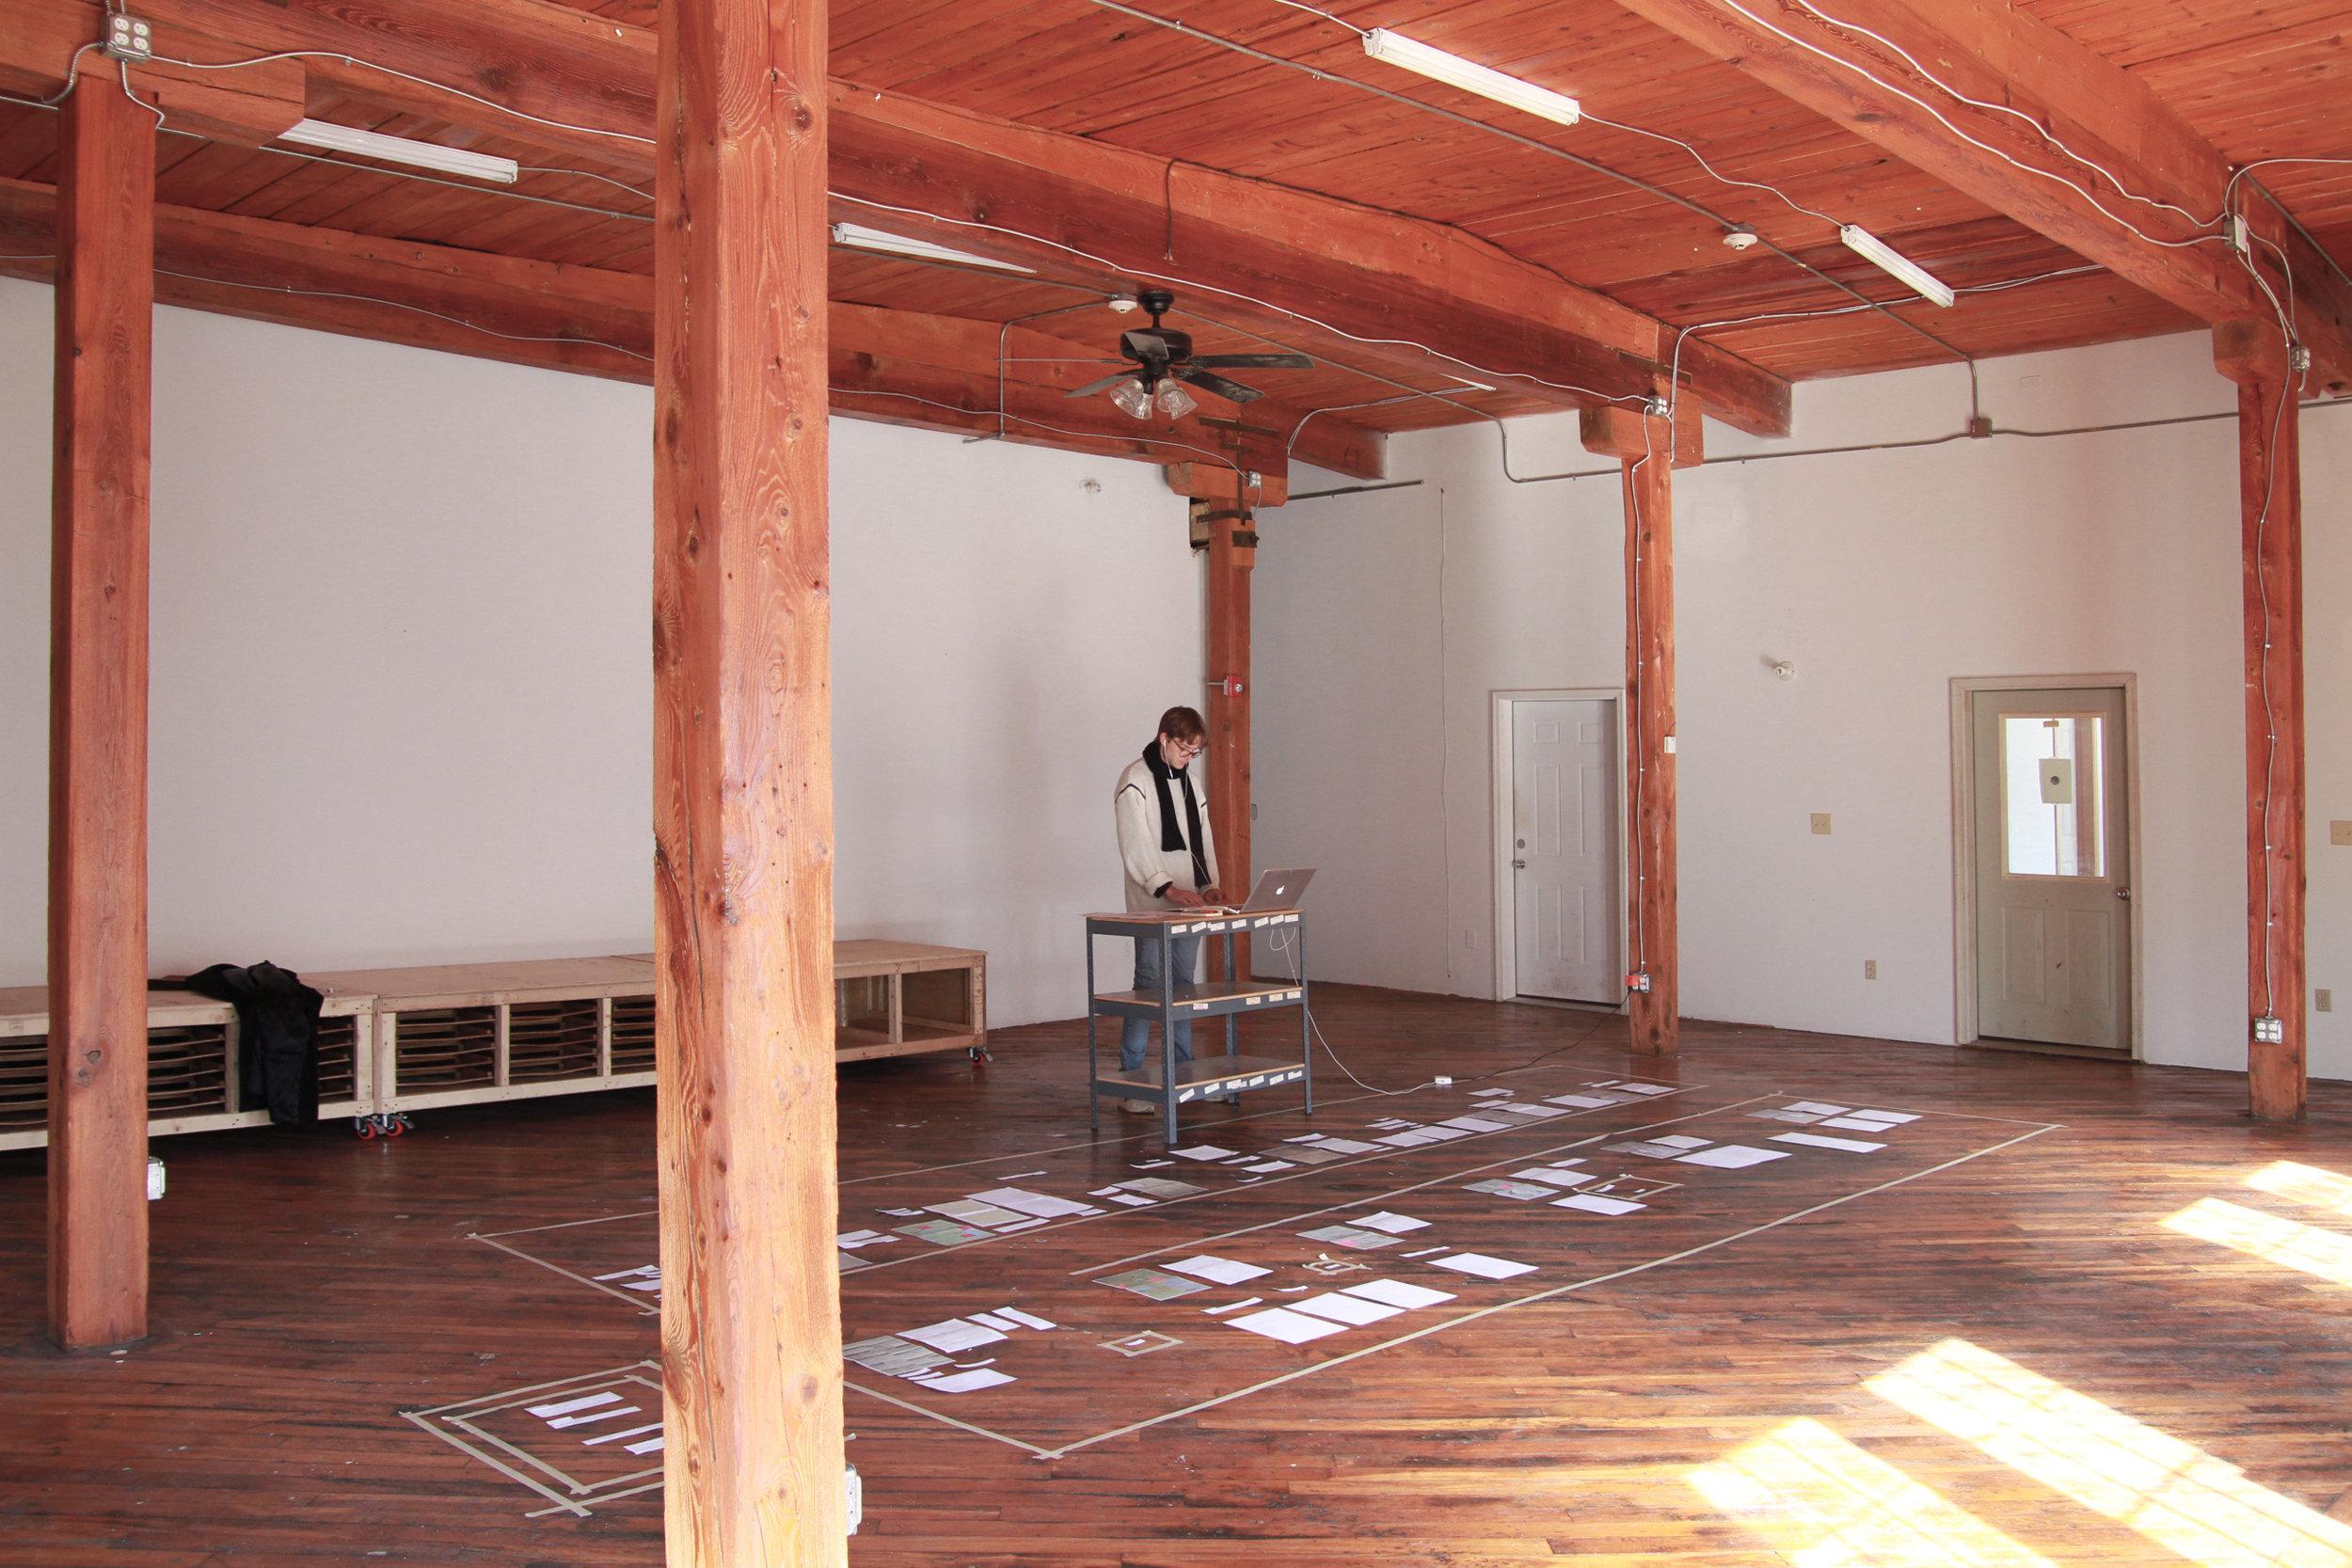 Studios_Big space_Runi Weihe _2.JPG